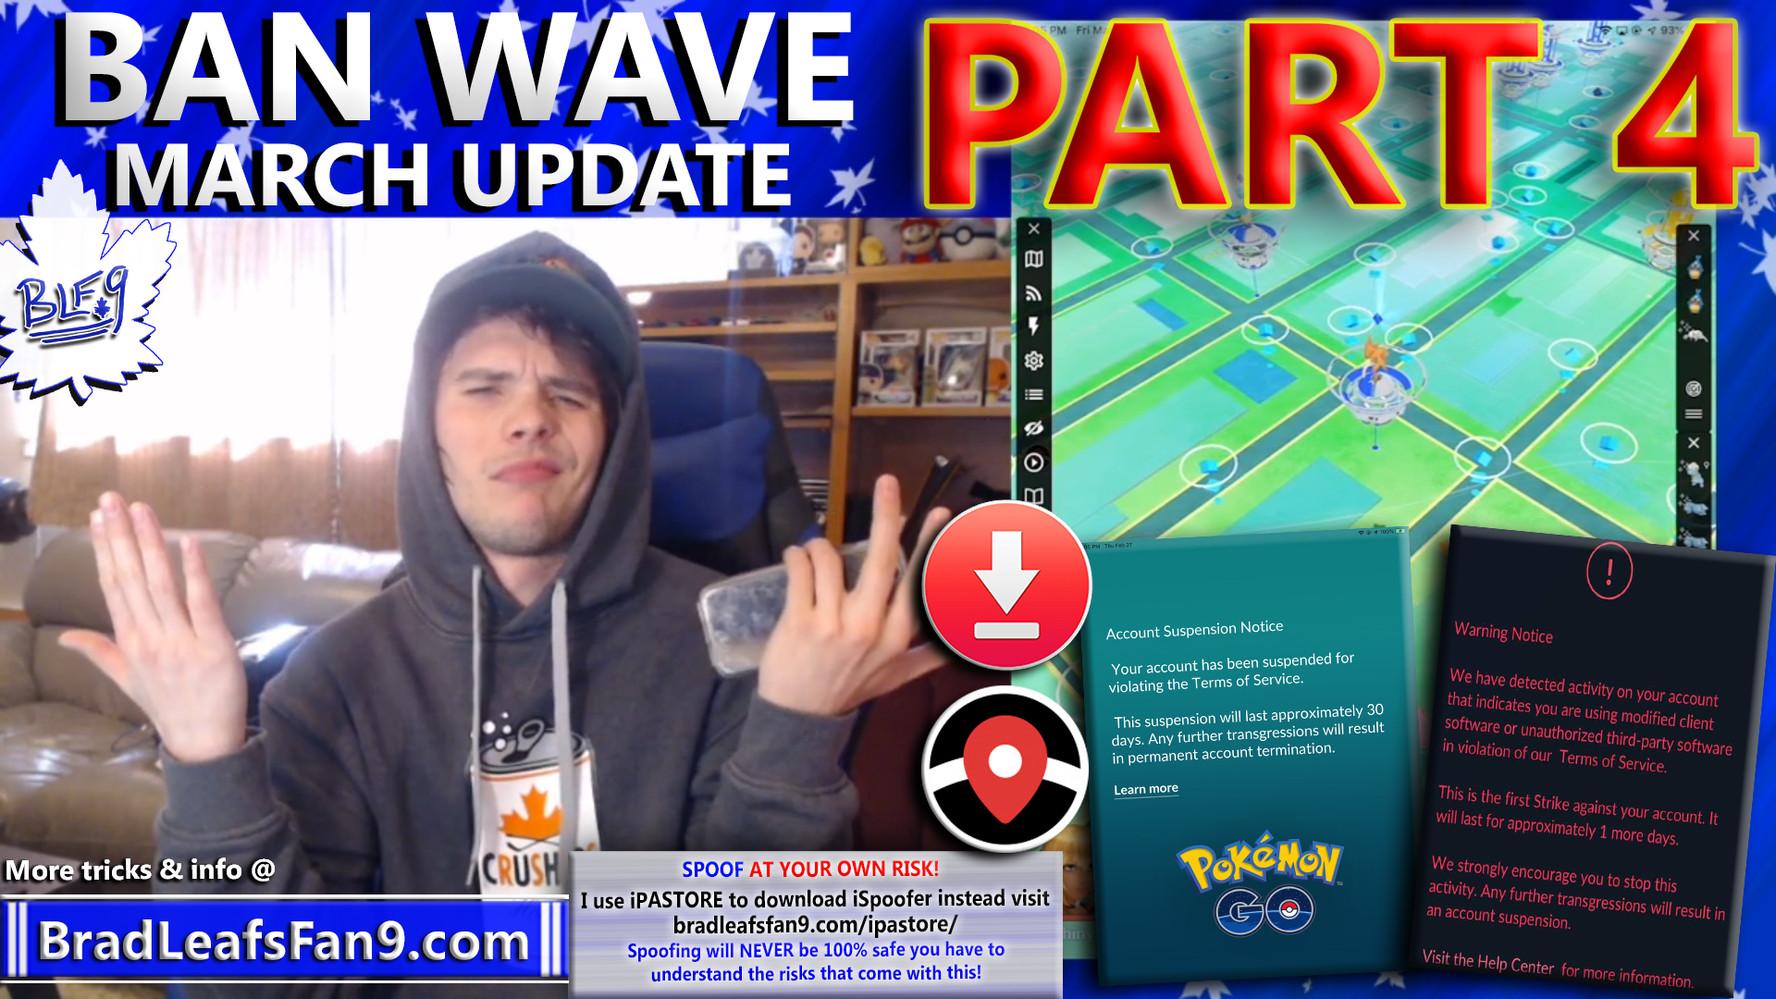 FEB 2020 Ban Wave Part 4